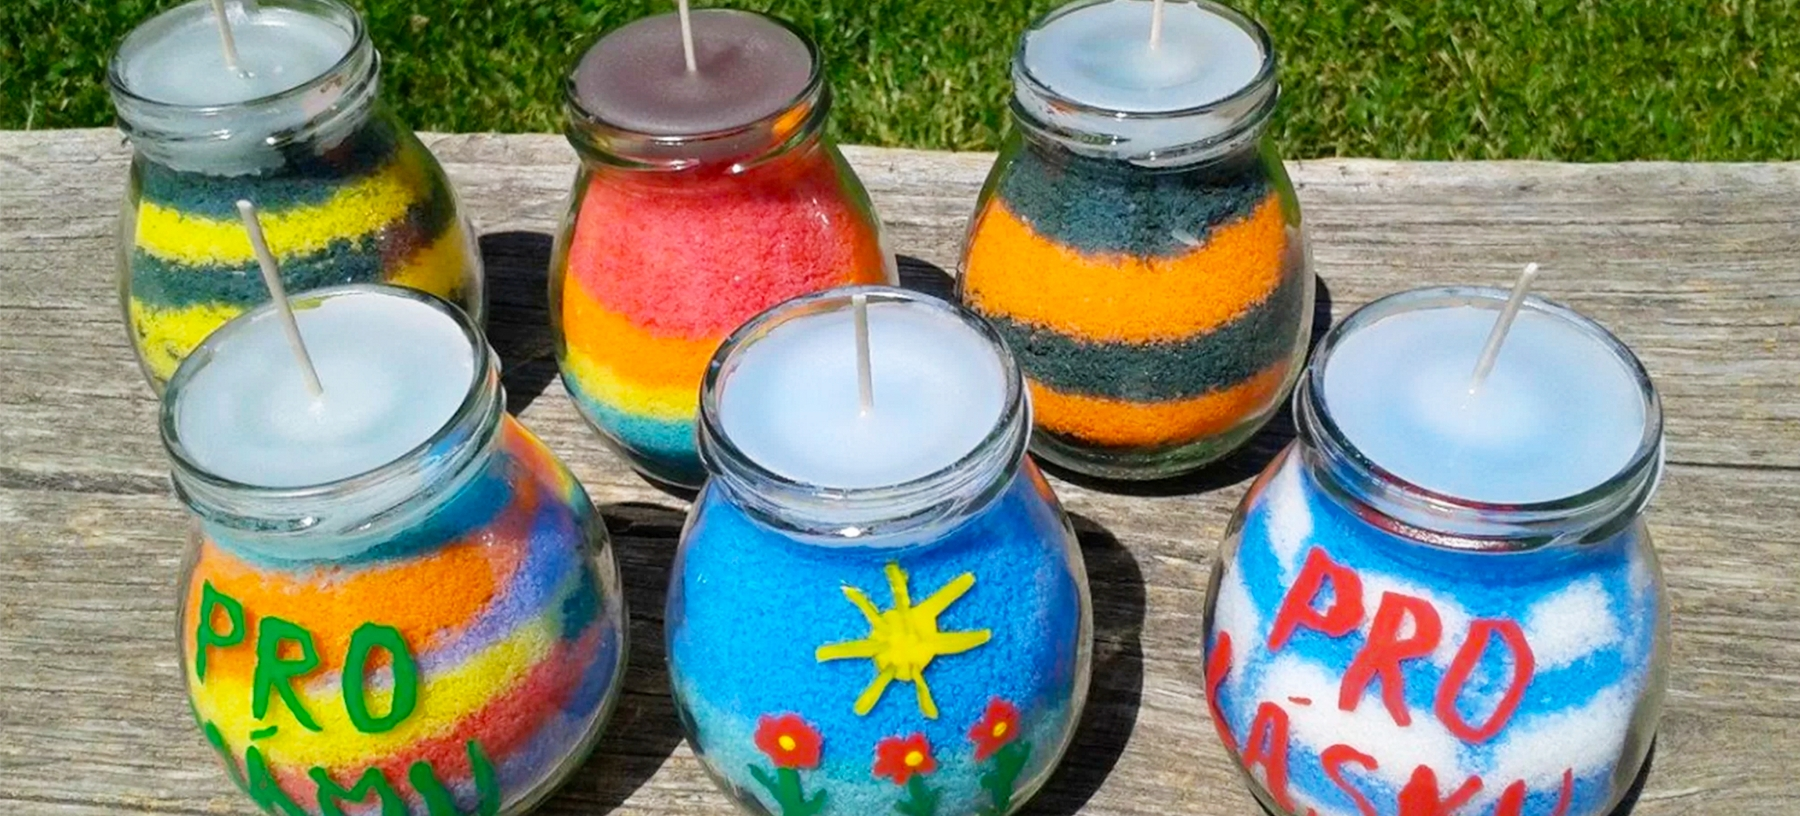 Svíčkárna Rodas – výroba svíčky s éterickým olejem